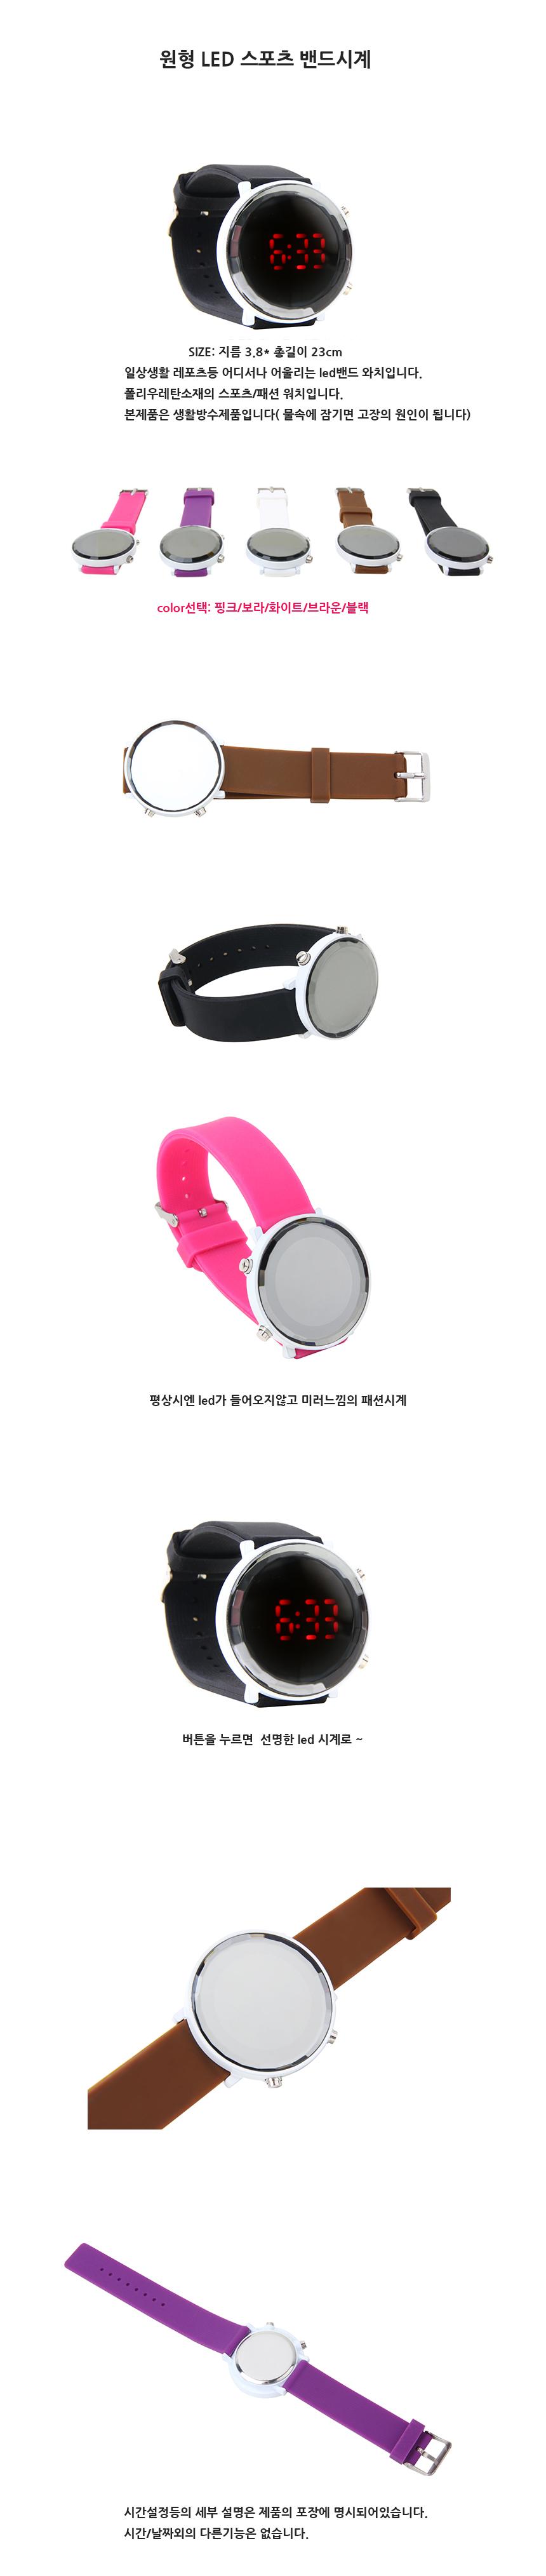 원형 LED 밴드시계 - 지미지미, 7,000원, 남성시계, 패션시계